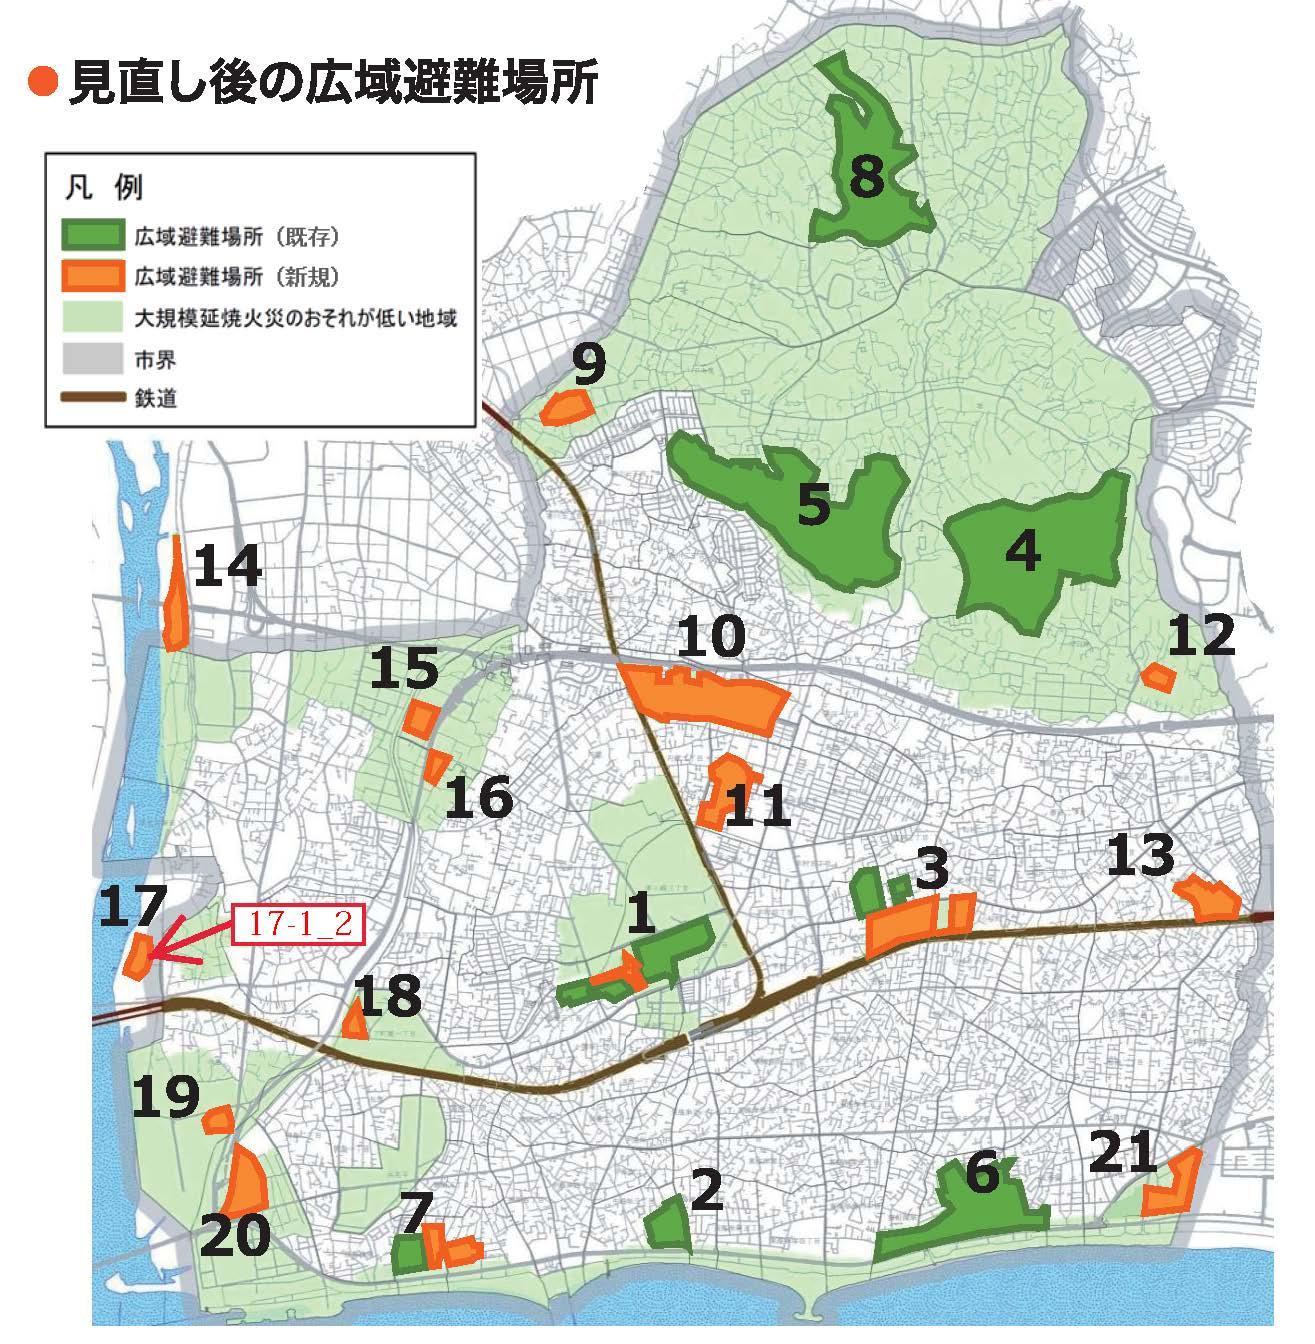 17-1_2.広域避難場所_茅ヶ崎市地図